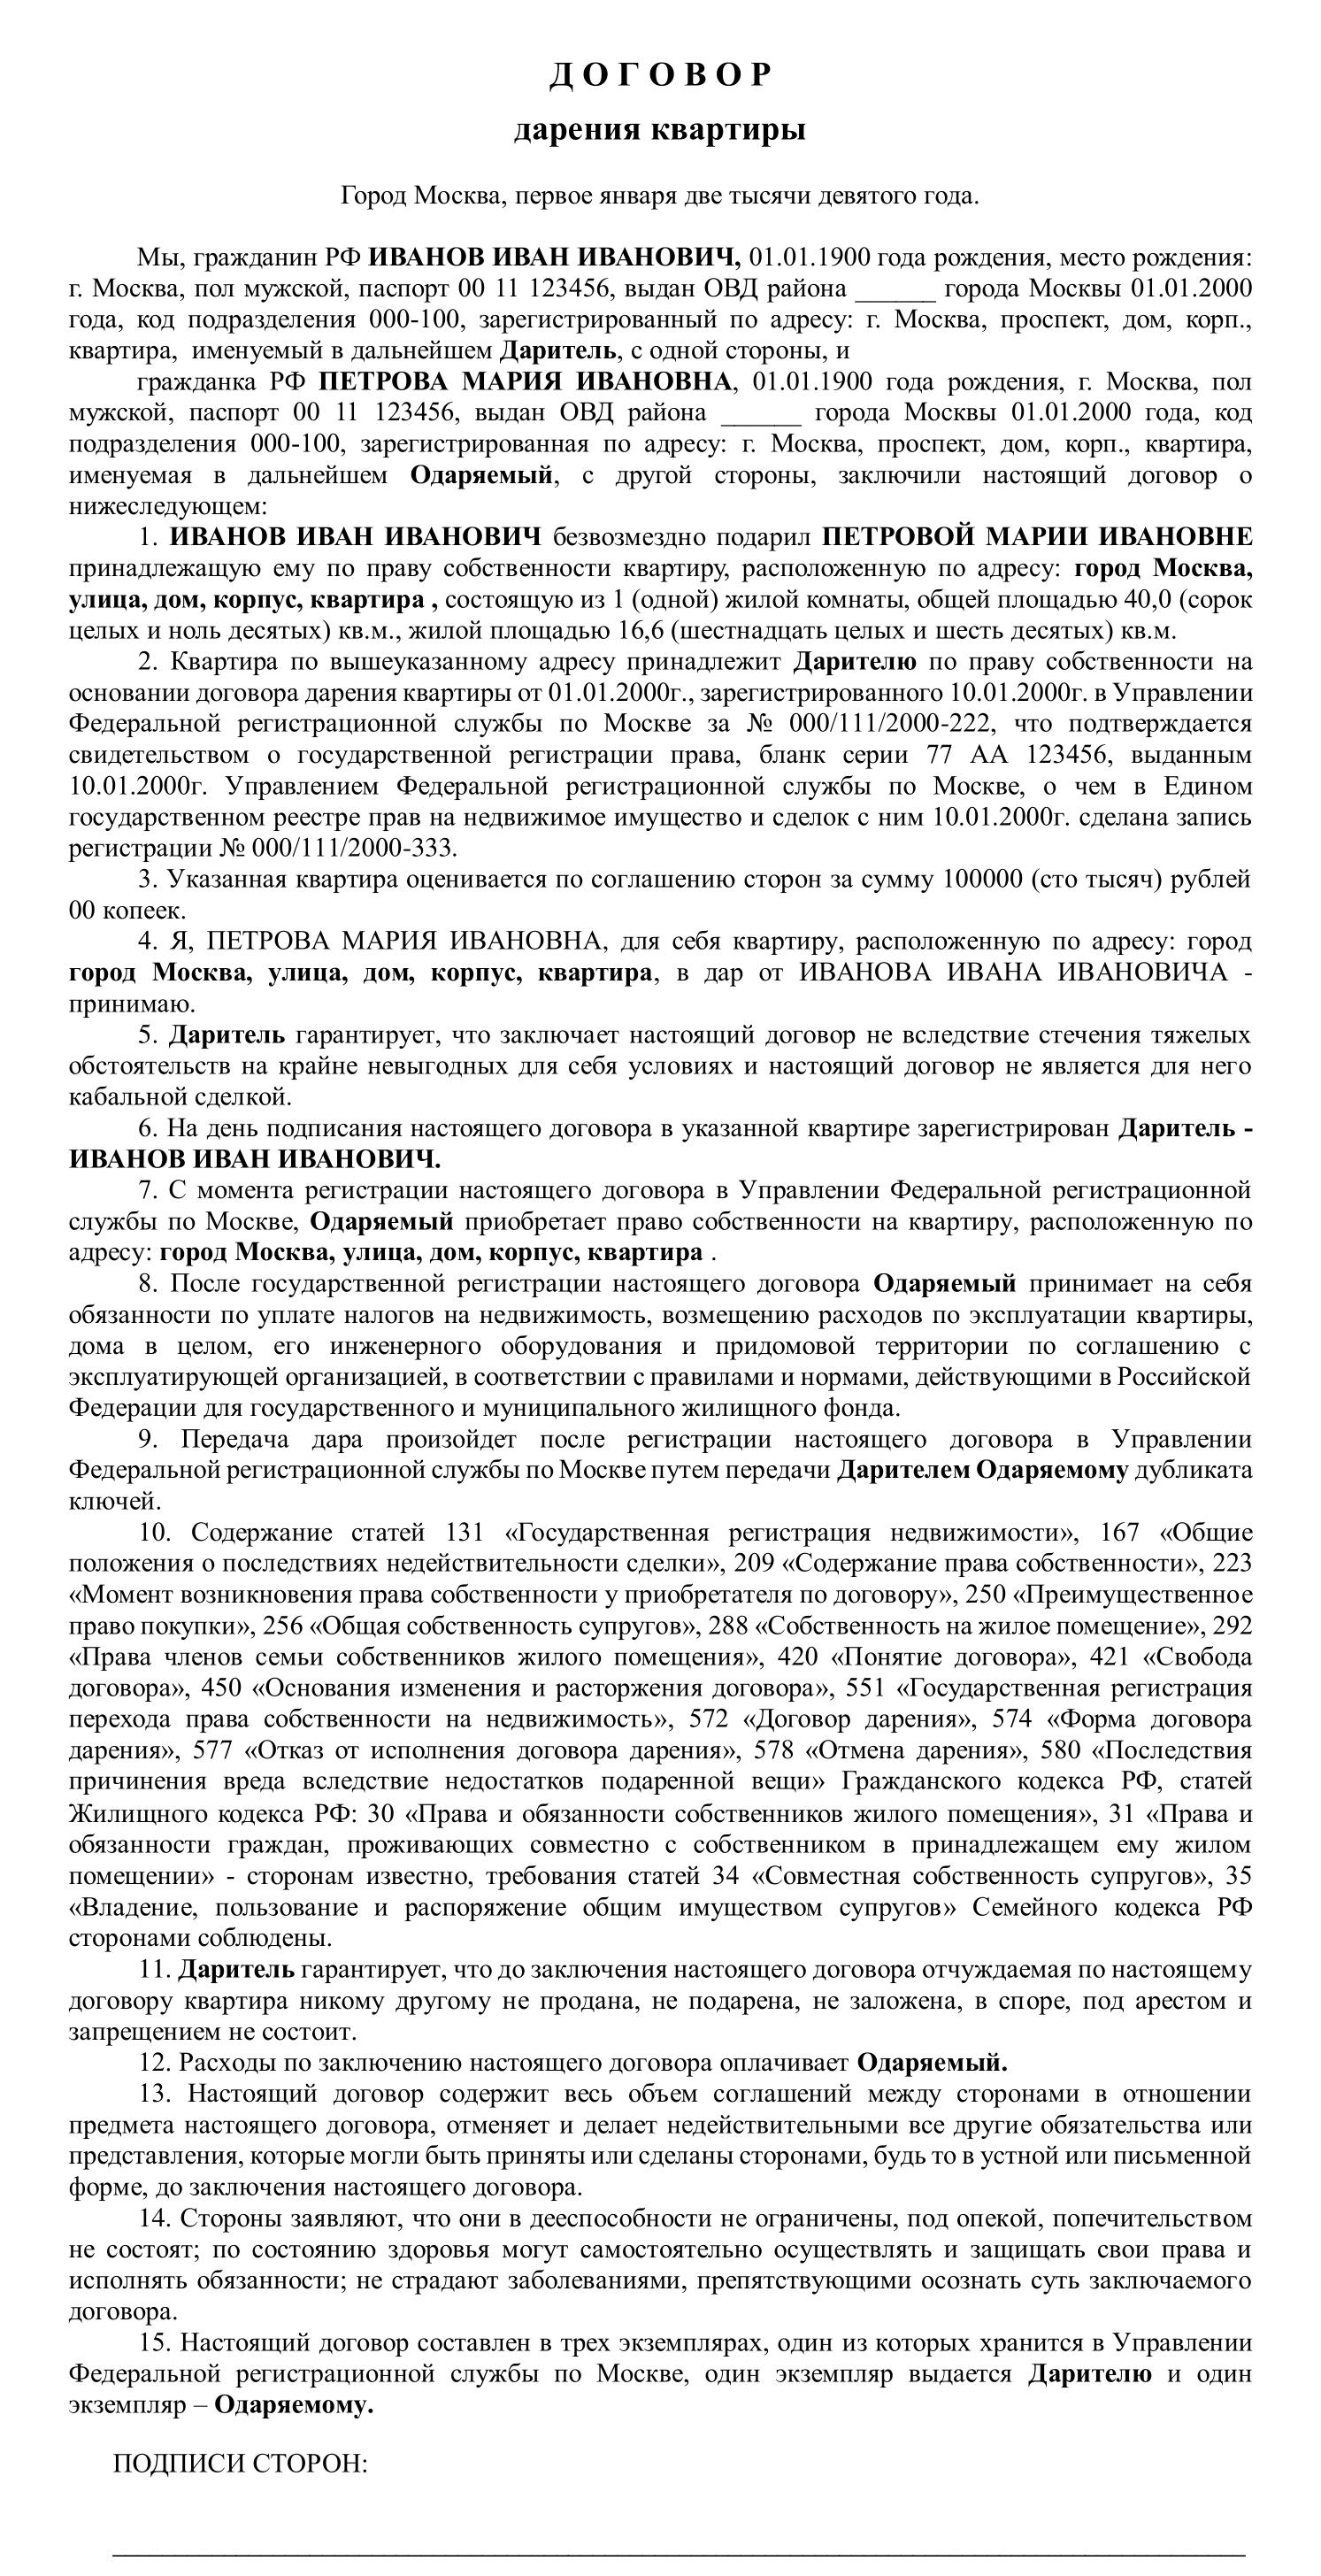 Договор дарения квартиры образец